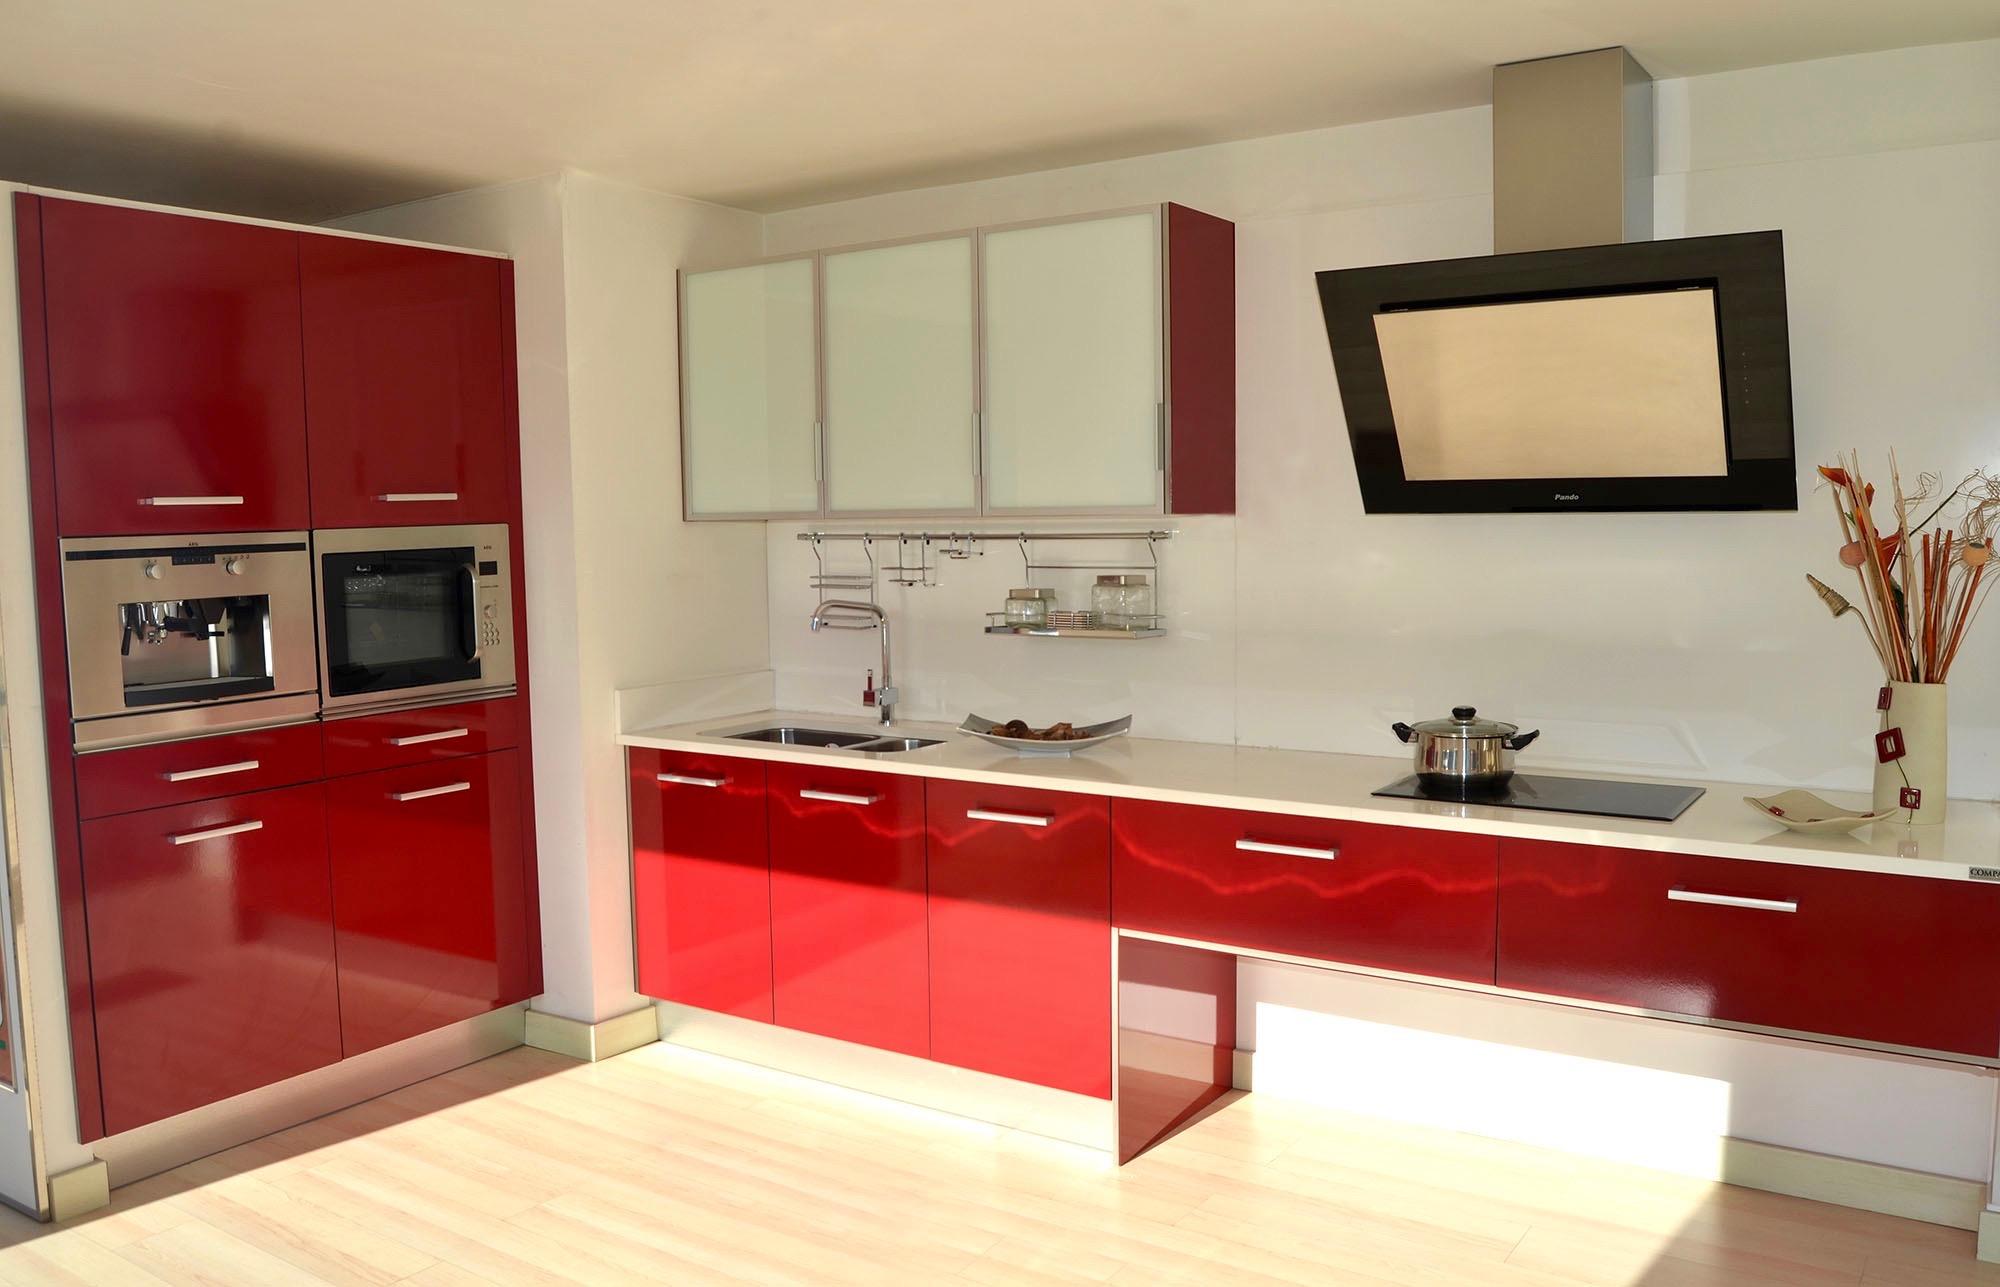 Cocinas Gama Elegance archivos - Tienda de muebles de ...